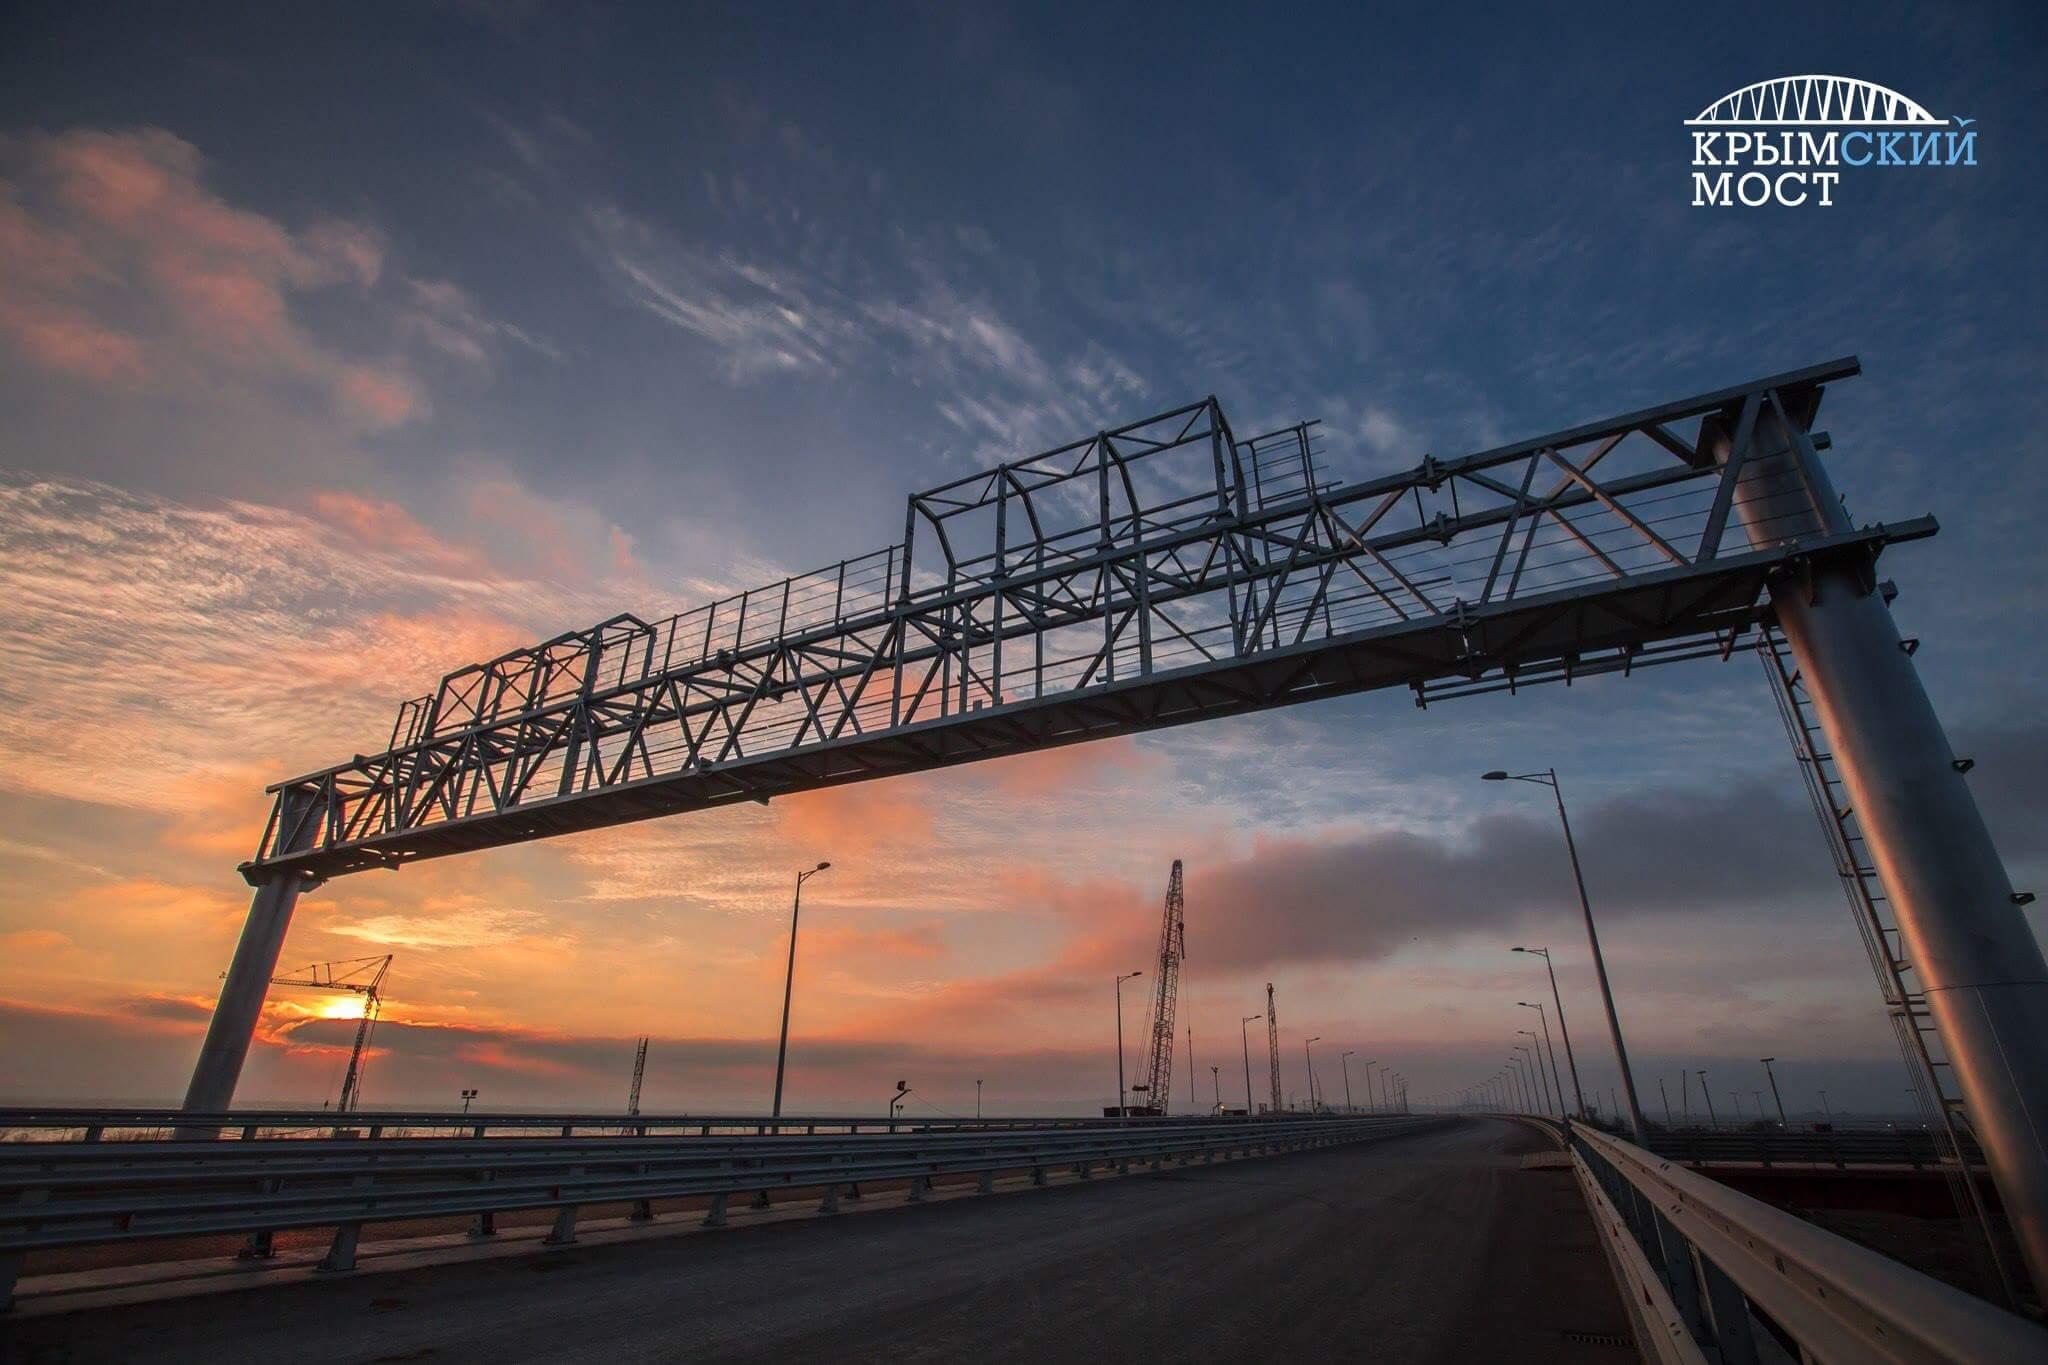 Крымский мост дата открытия 16 мая